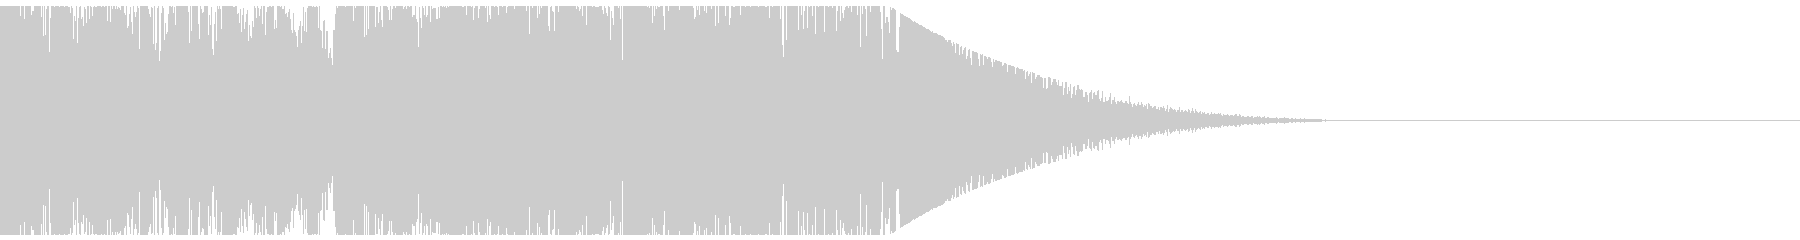 綺麗なピアノのファンファーレの未再生の波形